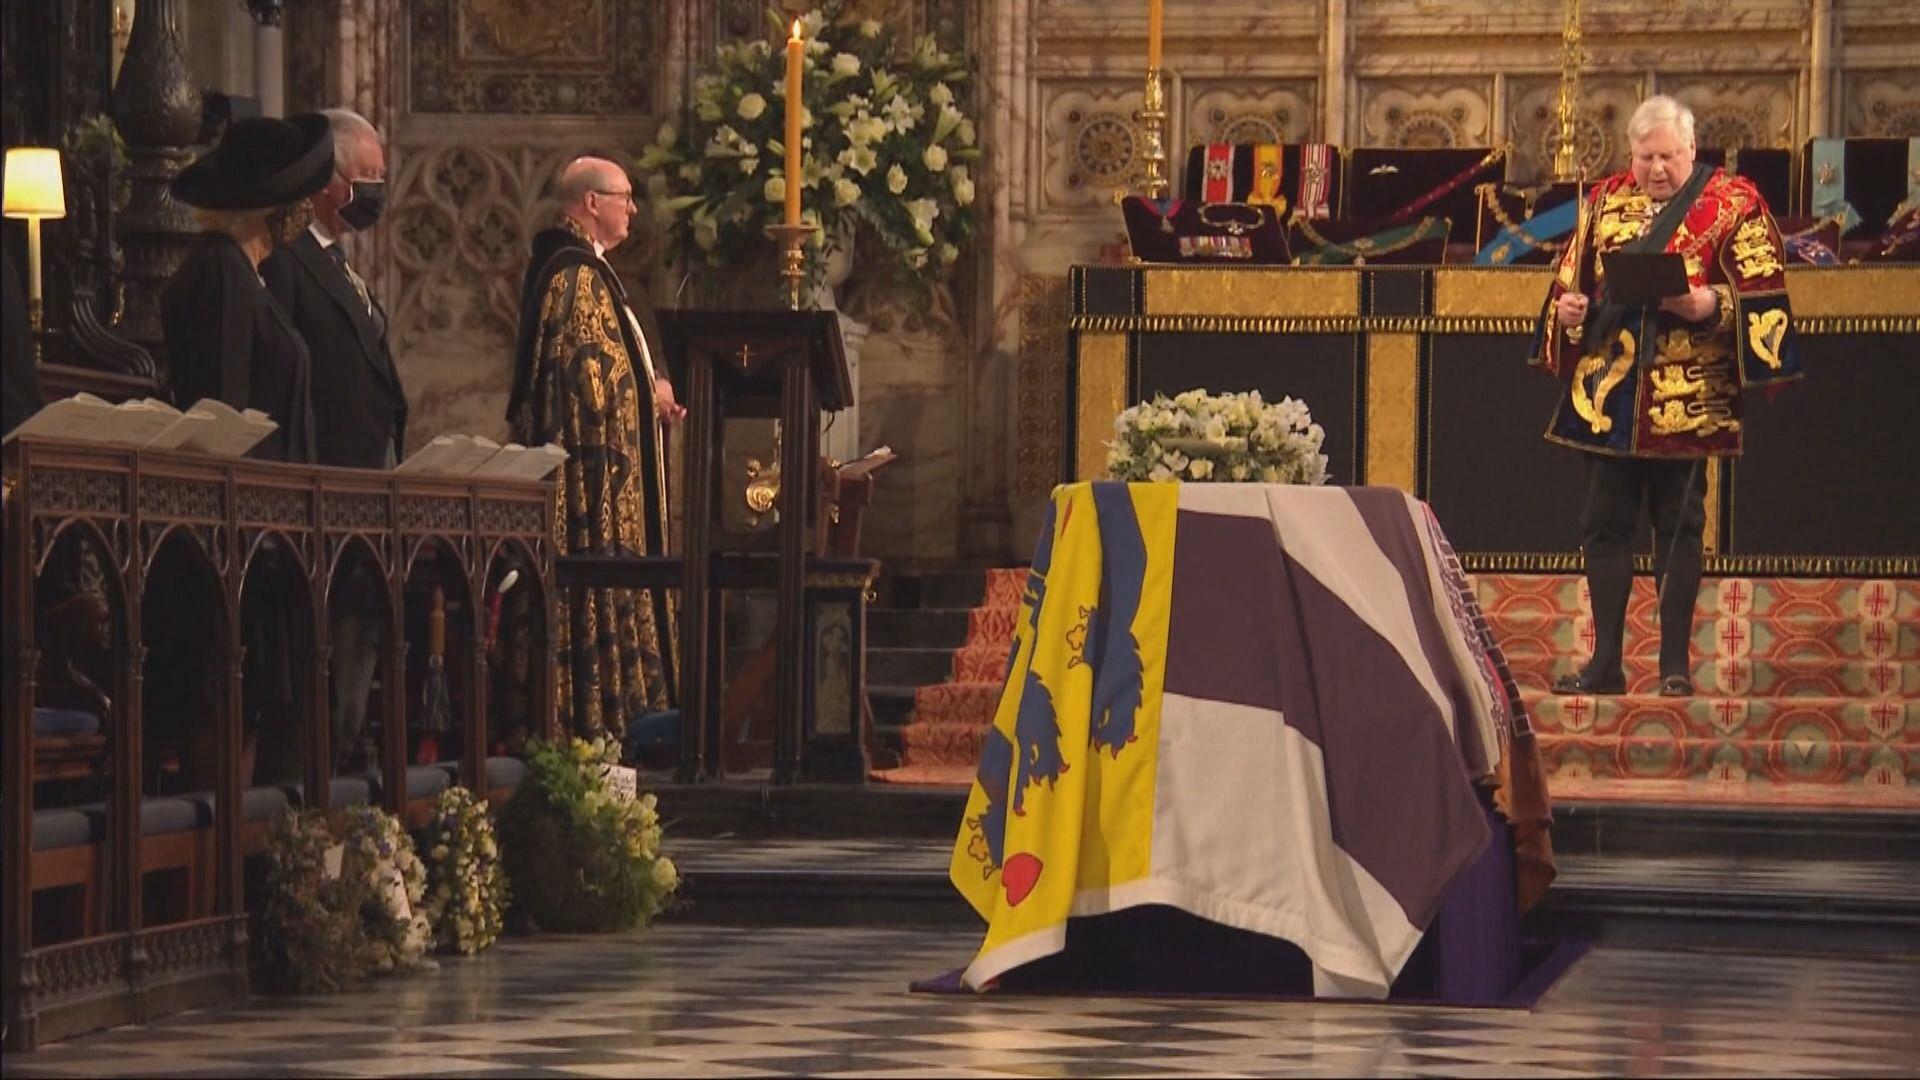 【環球薈報】英國逾1300萬人收看菲臘親王葬禮直播